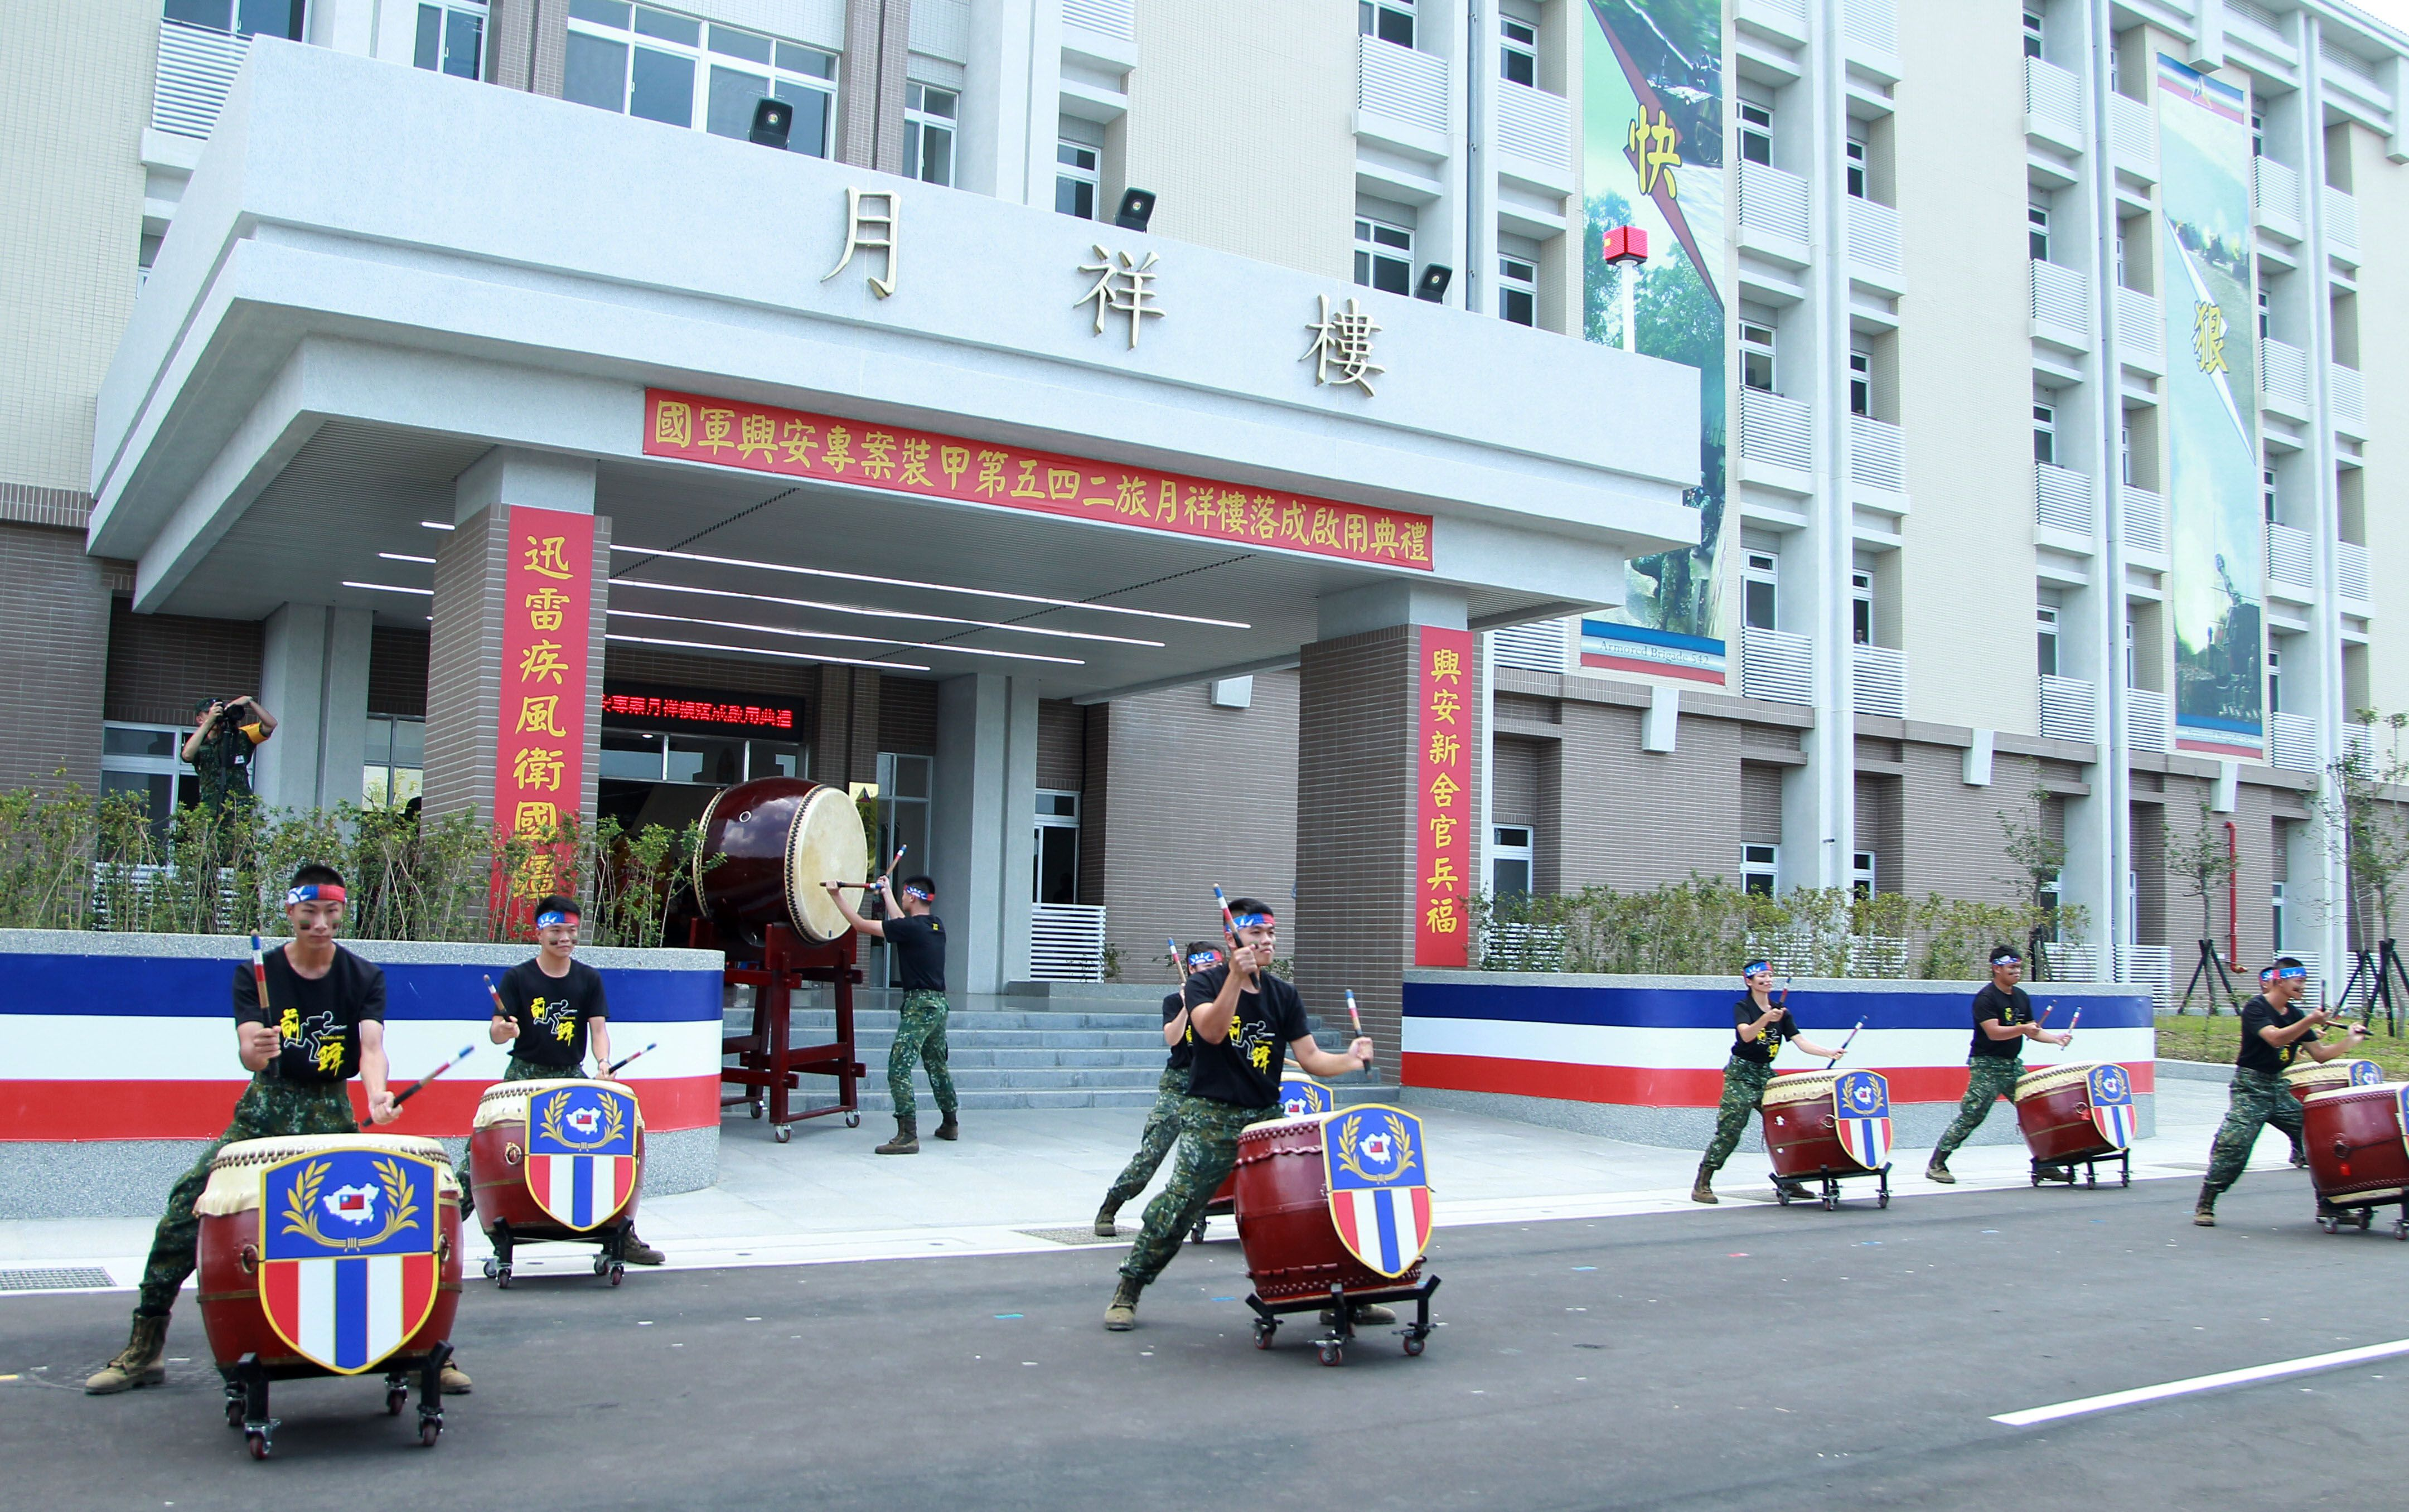 總統蔡英文主持陸軍司令部所屬的湖口三營區,裝甲第542旅月祥樓,落成揭牌啟用。(記者邱榮吉/攝影)